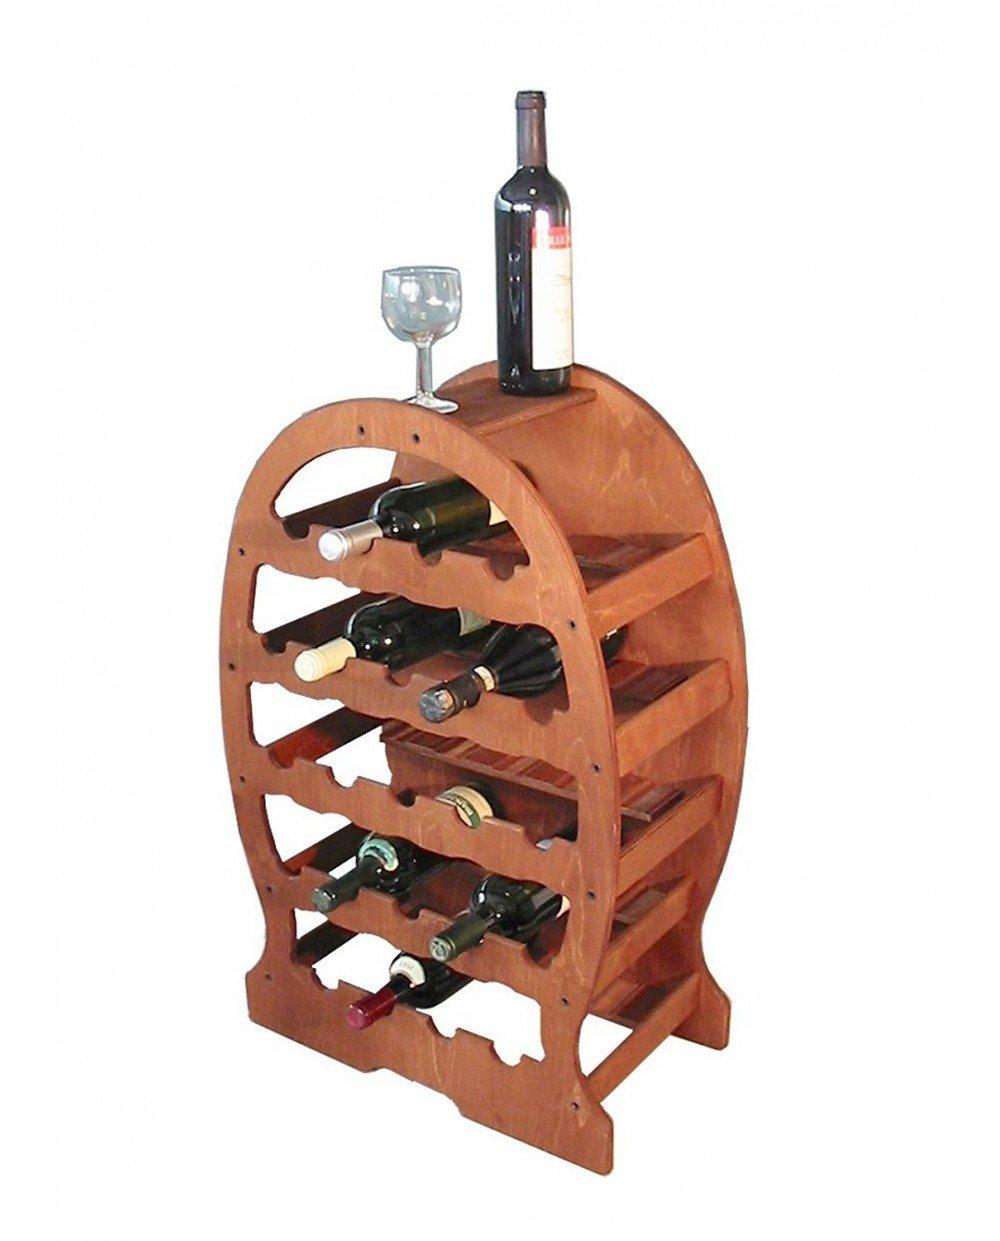 Mobiletto porta bottiglie mobiletto mobiletto mobiletto mobiletto with mobiletto porta - Cantinetta vini ikea ...